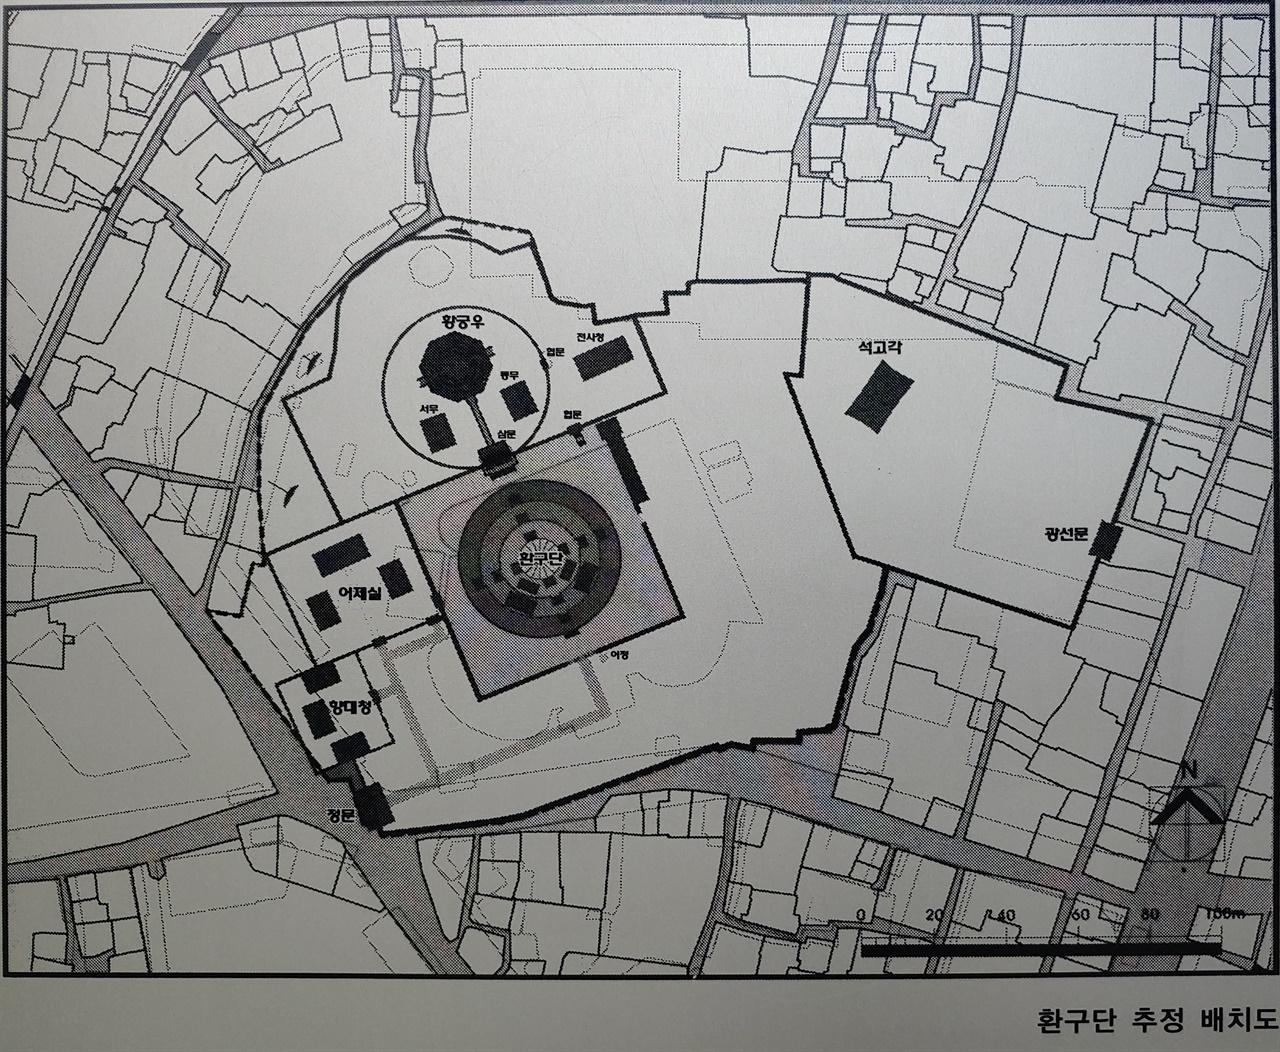 환구단 추정 배치도 1897년 부터 1902년 까지 환구단 주변에 건축물 등 여러 시설이 들어선다. 그 전체 배치를 추정한 도면이다.